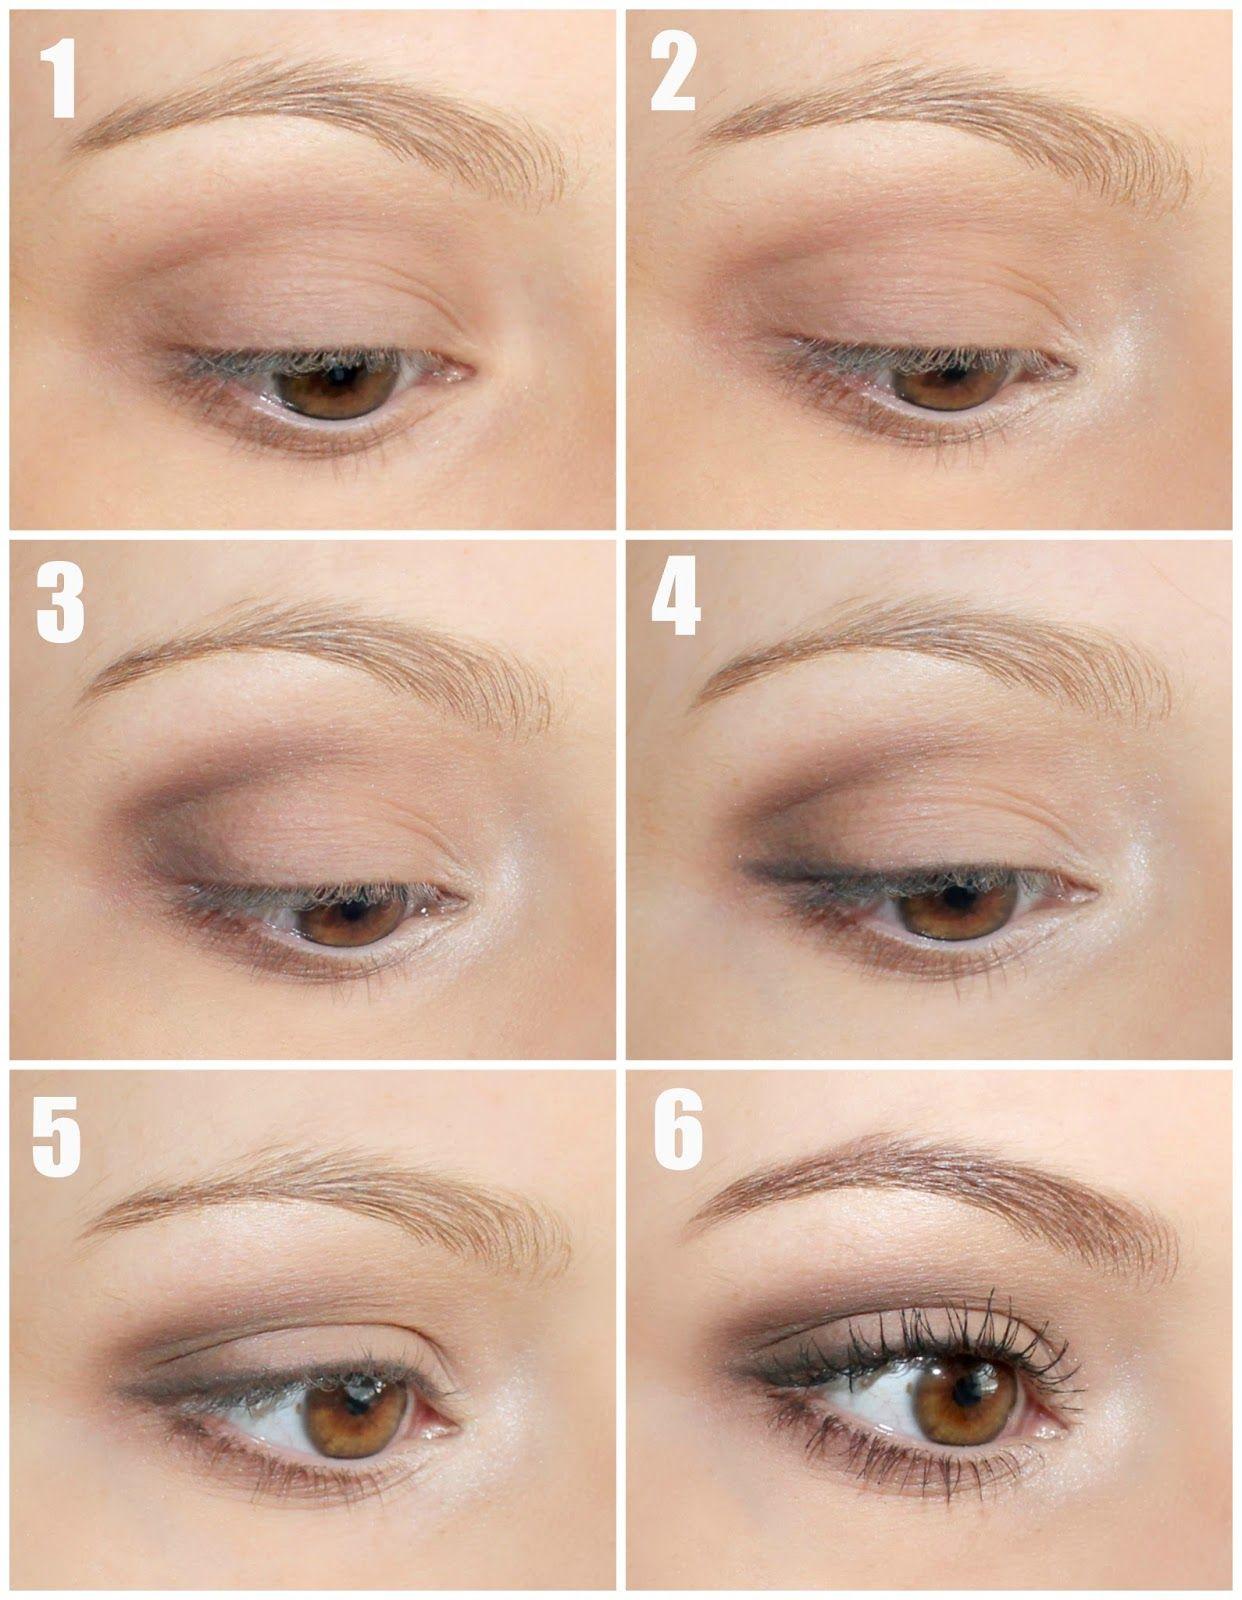 Http3bpspot lg4qw40jdqsueulb1qwm2iaaaaaaaaa8s eye make up tutorials baditri Image collections